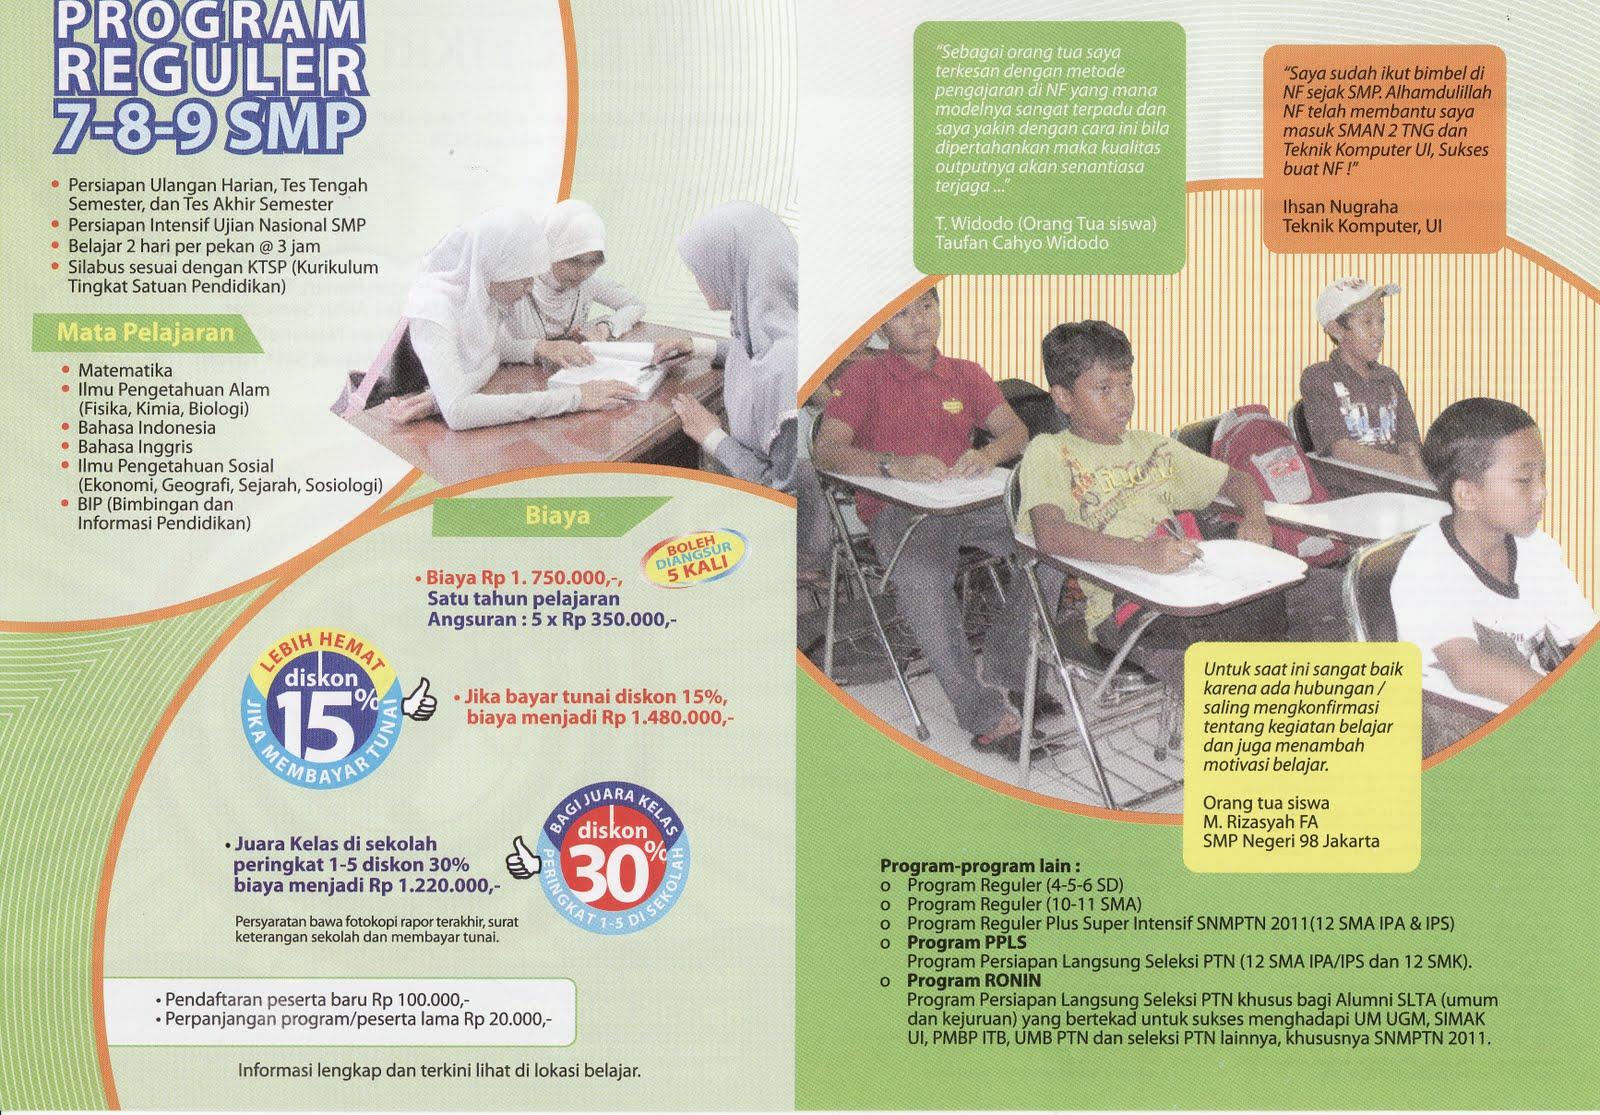 contoh-contoh brosur sekolah smp menarik